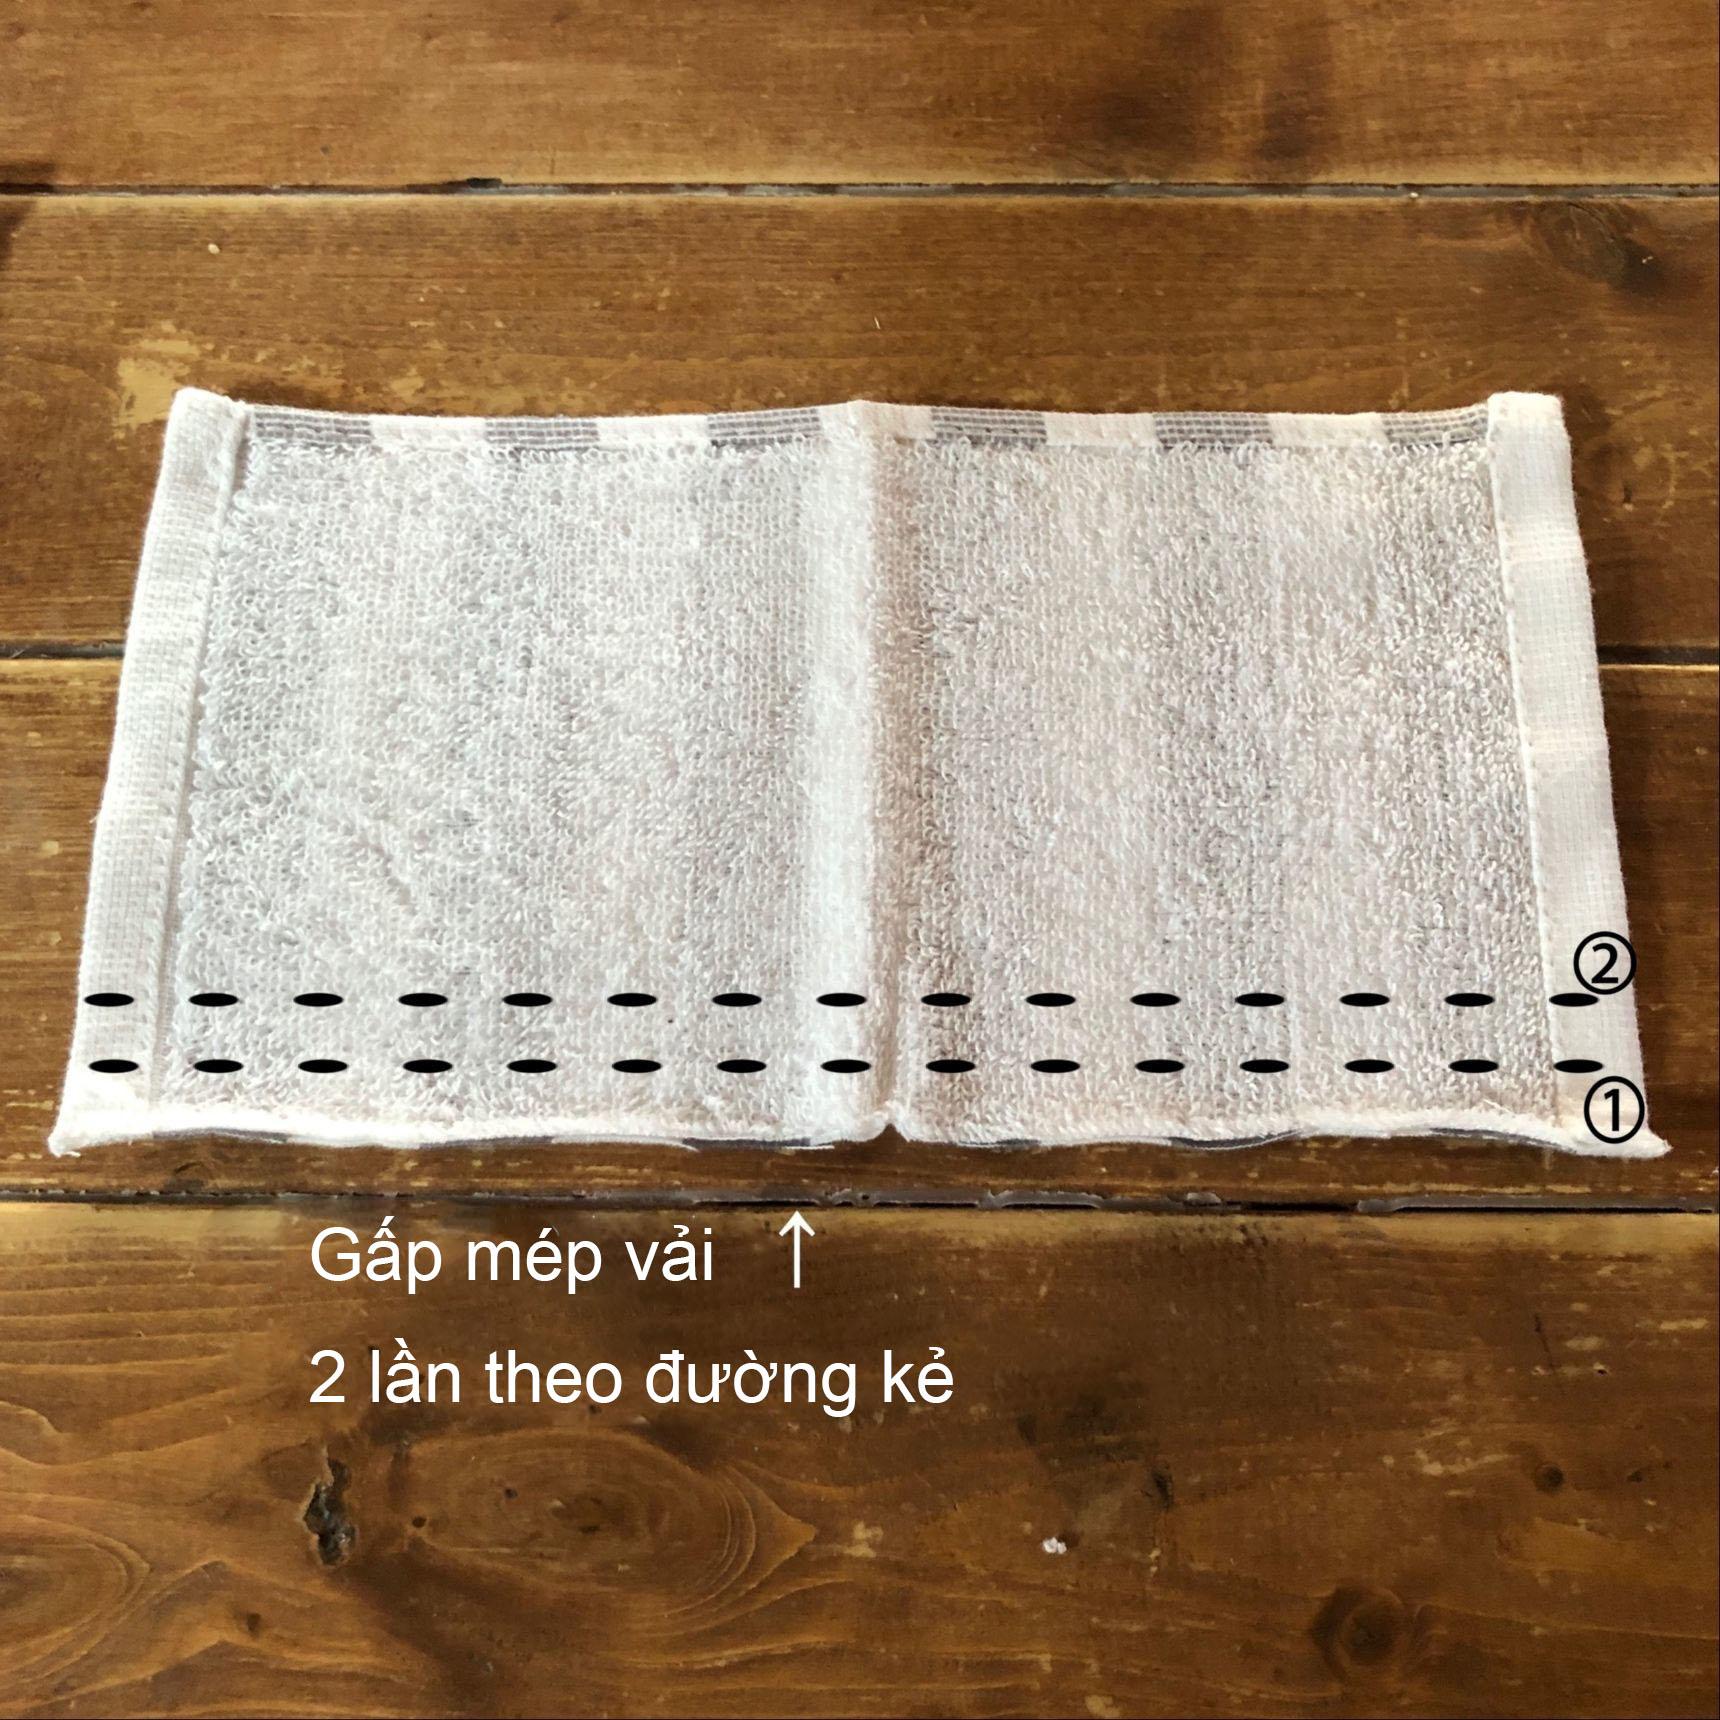 Gấp mép vải 2 lần để xử lý viền cắt